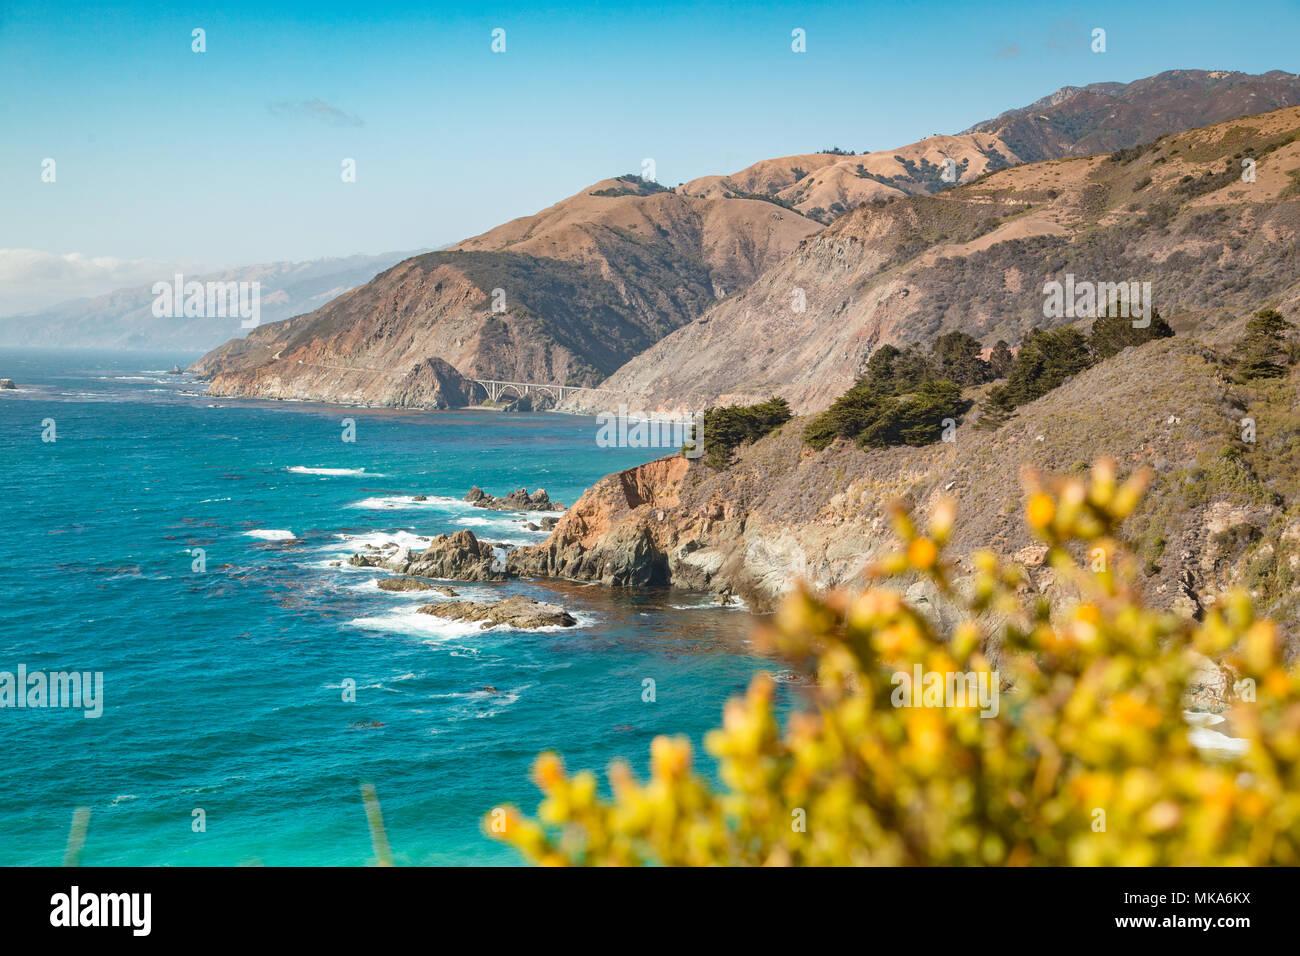 Preciosas vistas de la escarpada costa de Big Sur con Montañas Santa Lucía y Big Creek Bridge a lo largo de la famosa carretera 1 al atardecer, California, EE.UU. Imagen De Stock